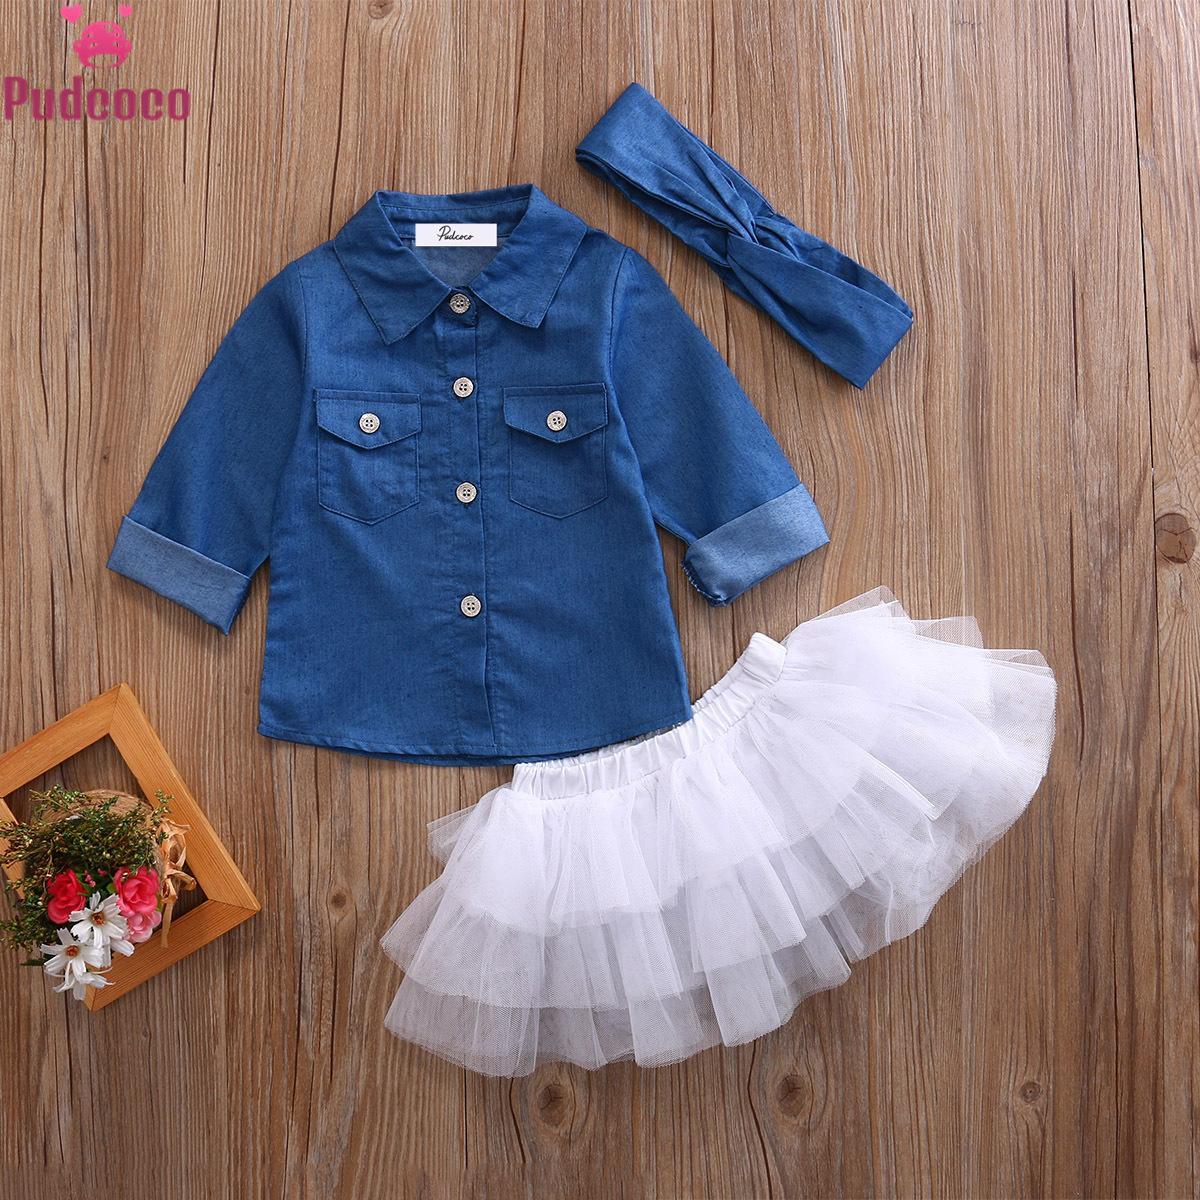 Baby Sommer Kleidung Sets Baby Mädchen Kleidung Denim Hemd Top + Tutu Röcke + Stirnband 3 stücke Outfits Sets 0-5T